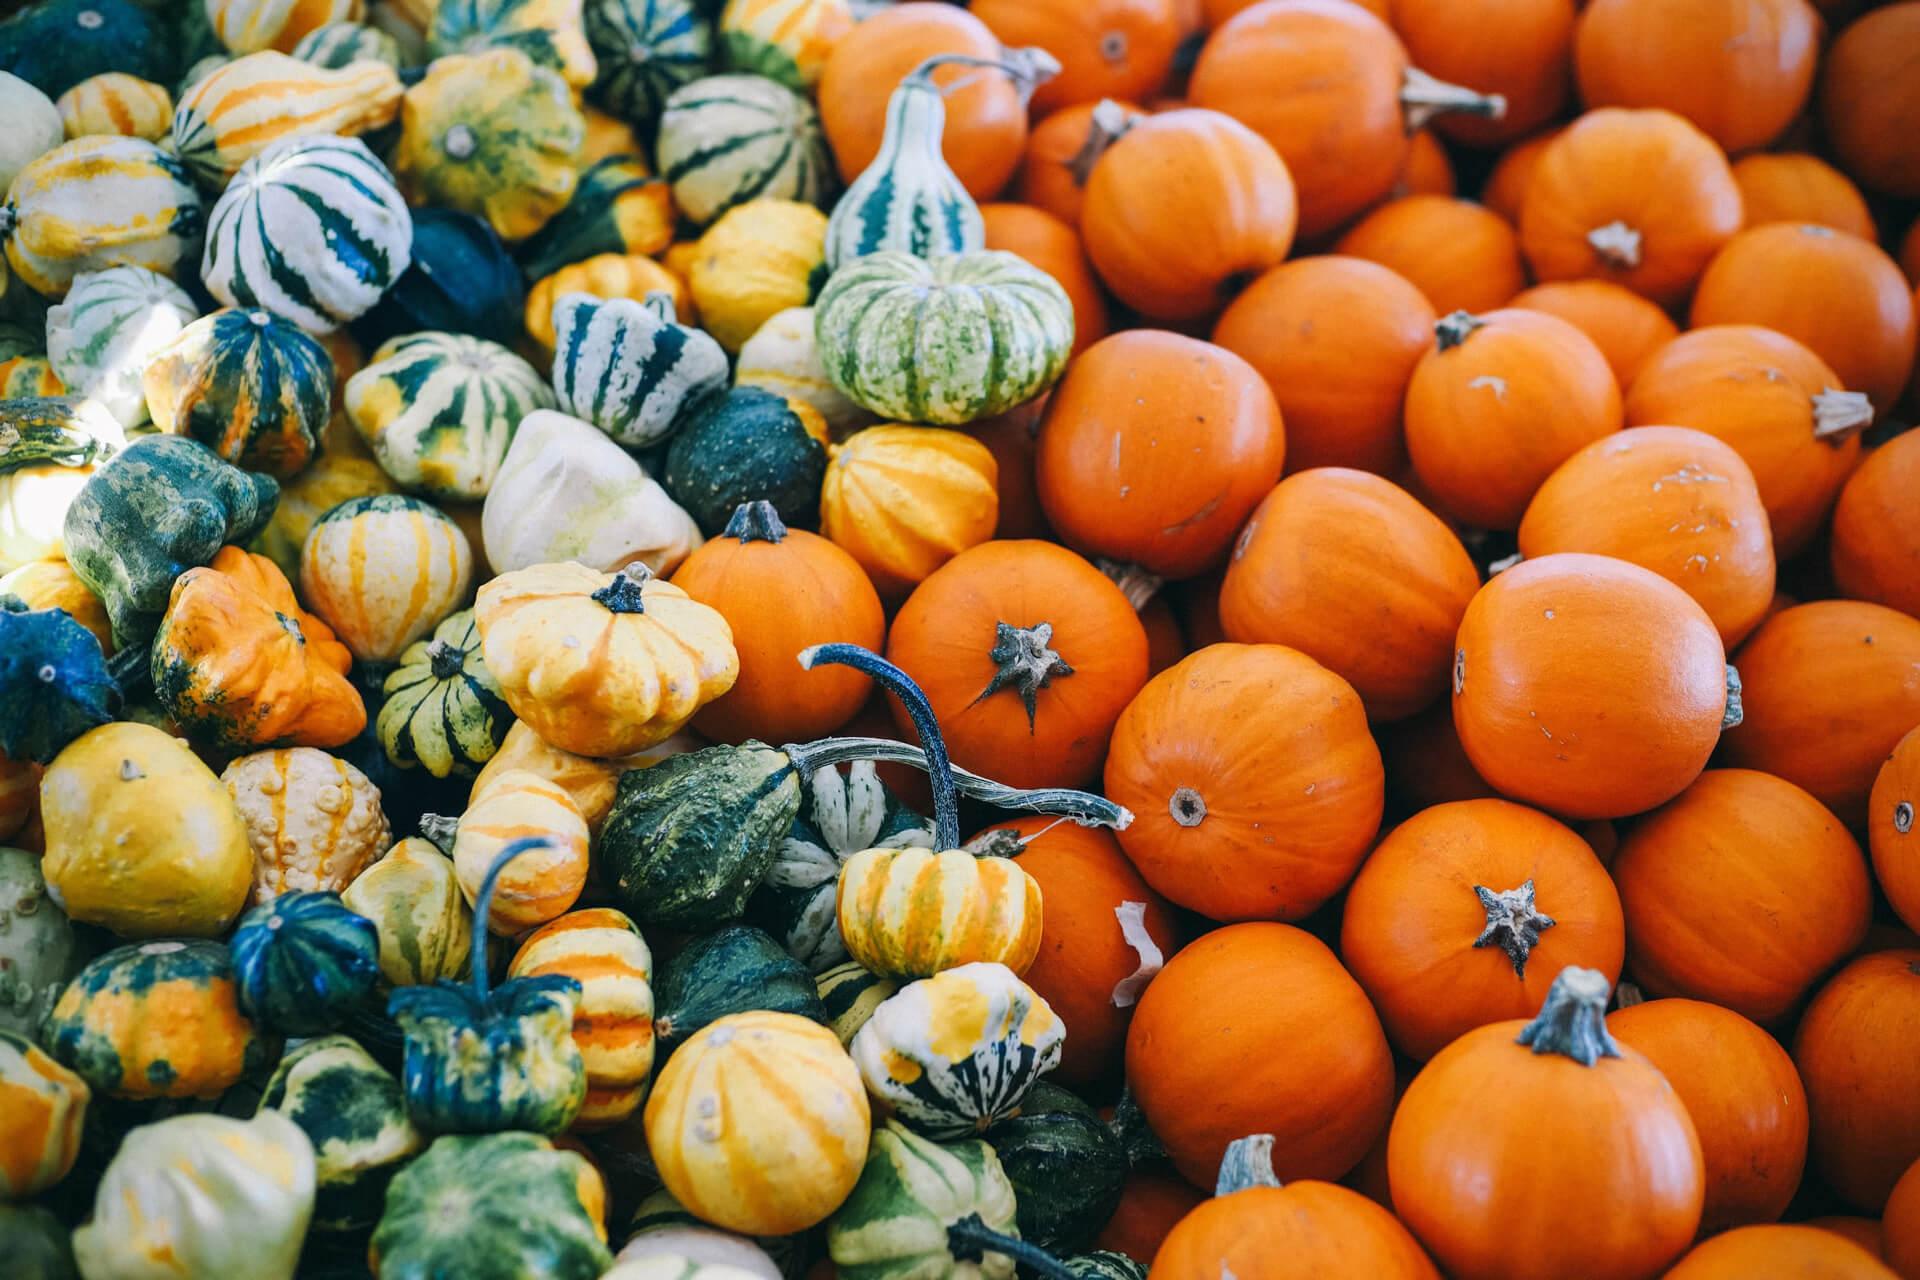 Reasons to Visit Nantucket This Fall